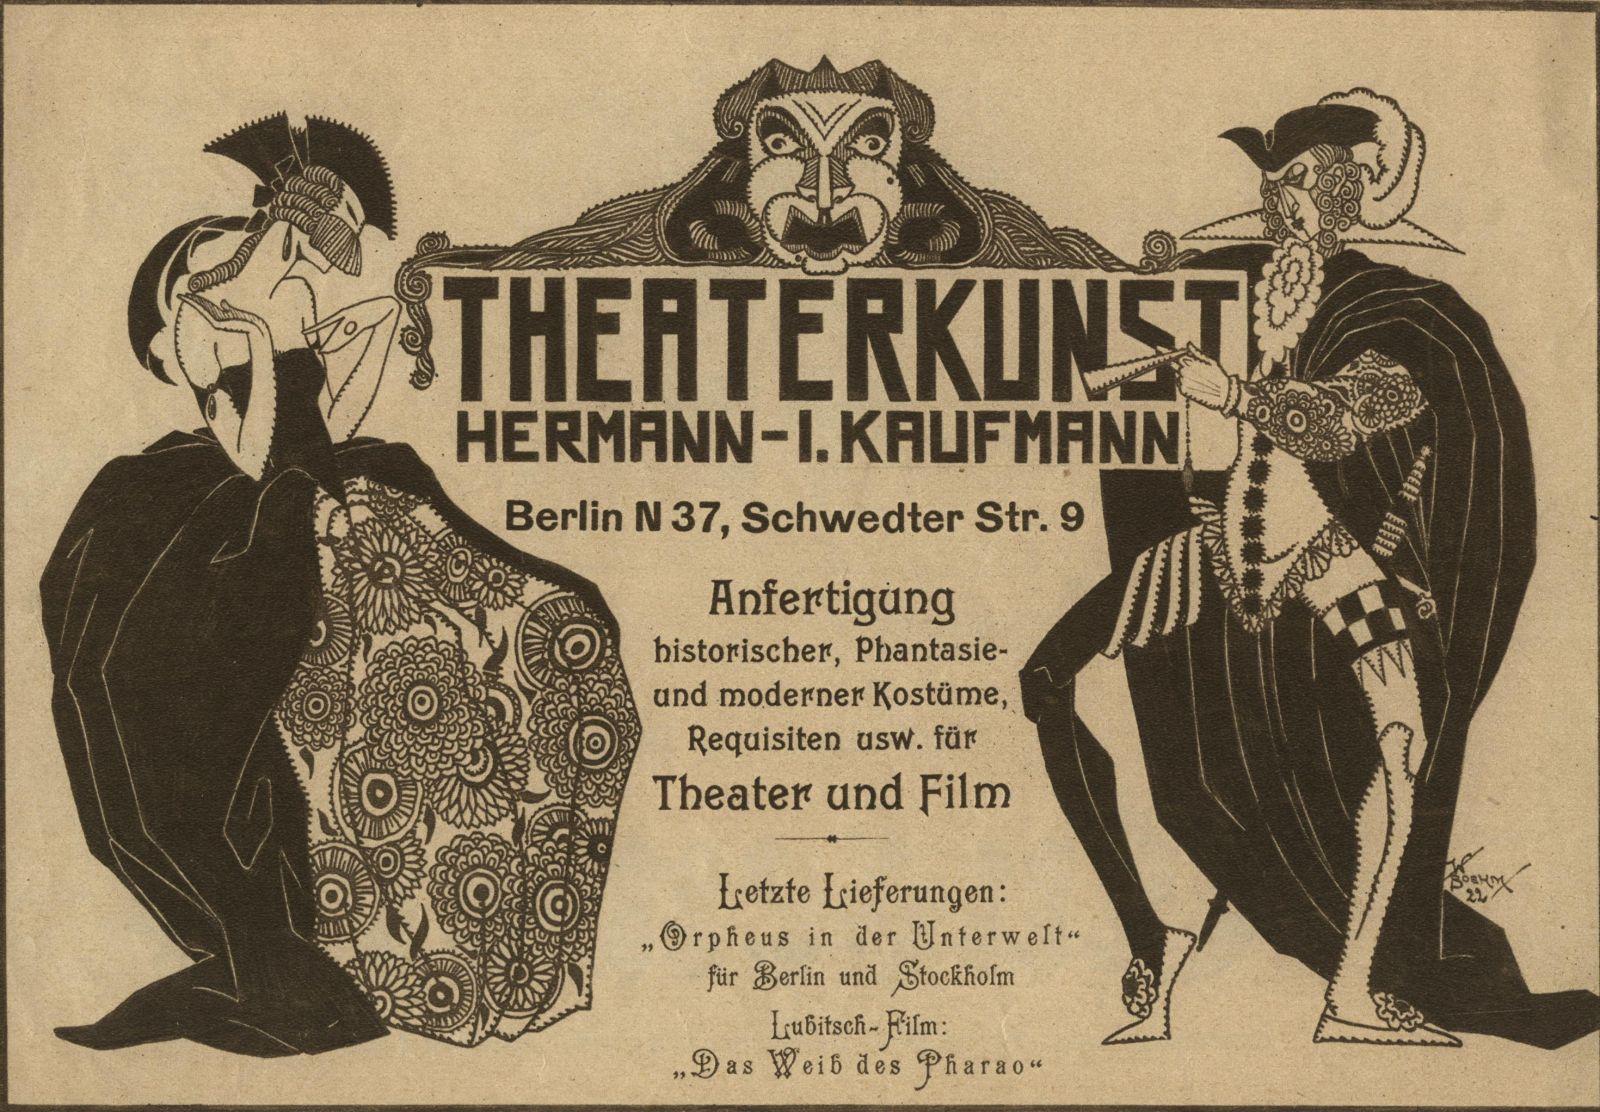 Anzeige der Theaterkunst aus den frühen 1920er Jahren